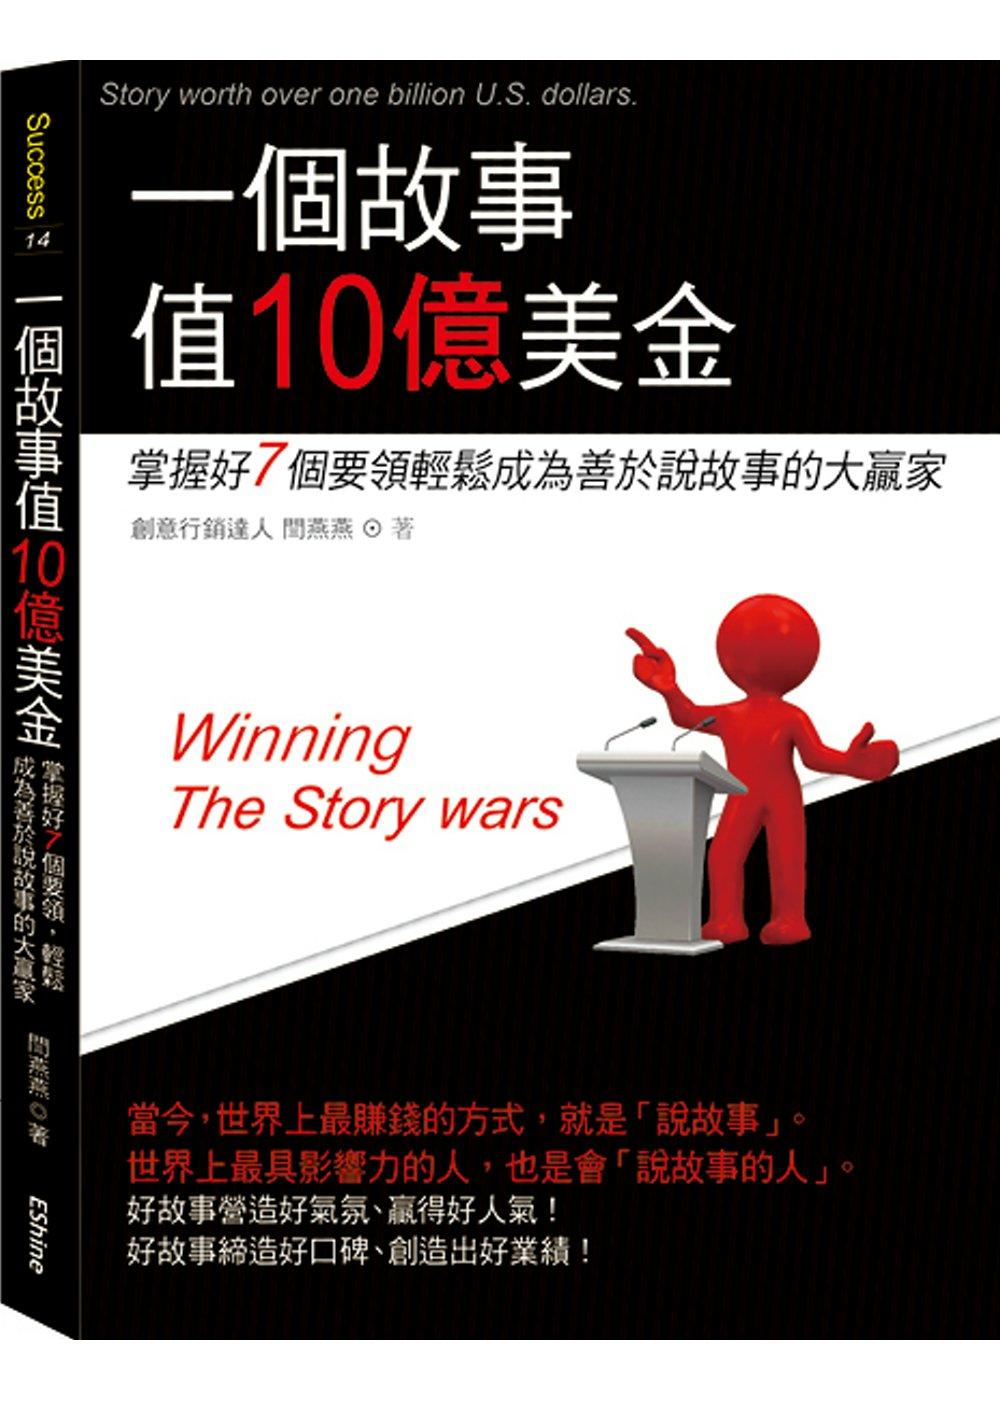 一個故事值10億美金:掌握好7個要領,輕鬆成為善於說故事的大贏家!